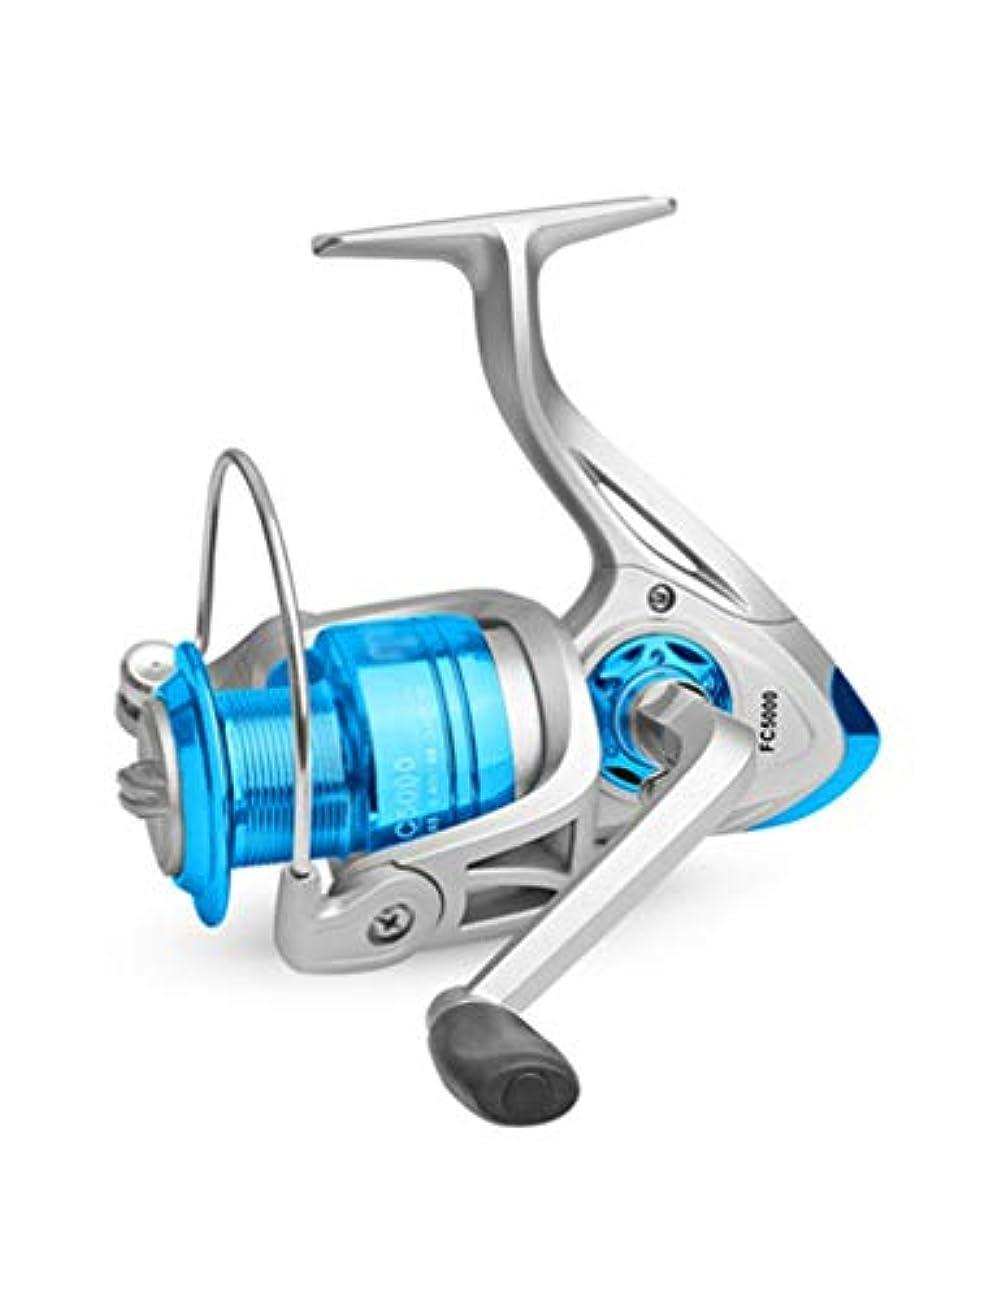 まとめるコミットメント処方する軽量釣り用リール、防錆ベアリング10:4.7:1、左右の交換可能ハンドル、塩水と淡水に最適、初心者に最適 (Size : 2000)